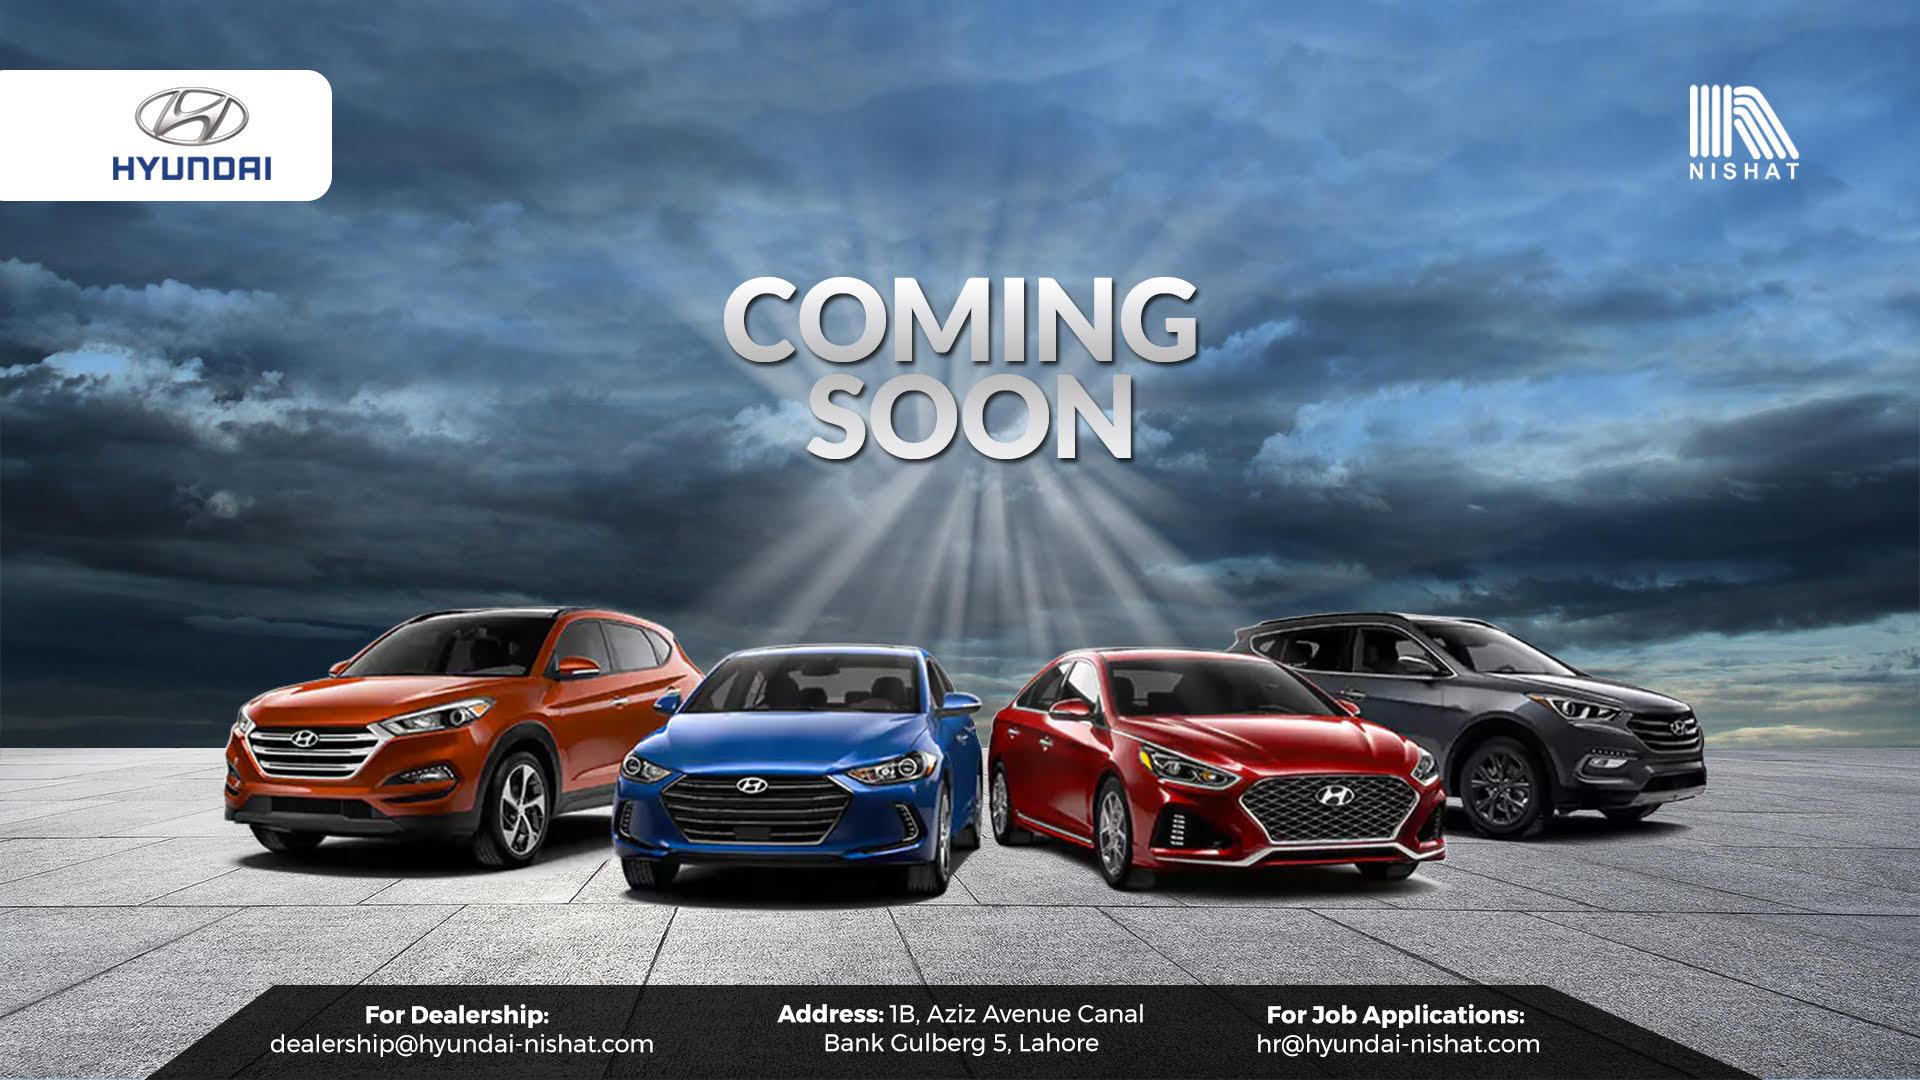 Hyundai Nishat Website Hints A Range Of Upcoming Vehicles